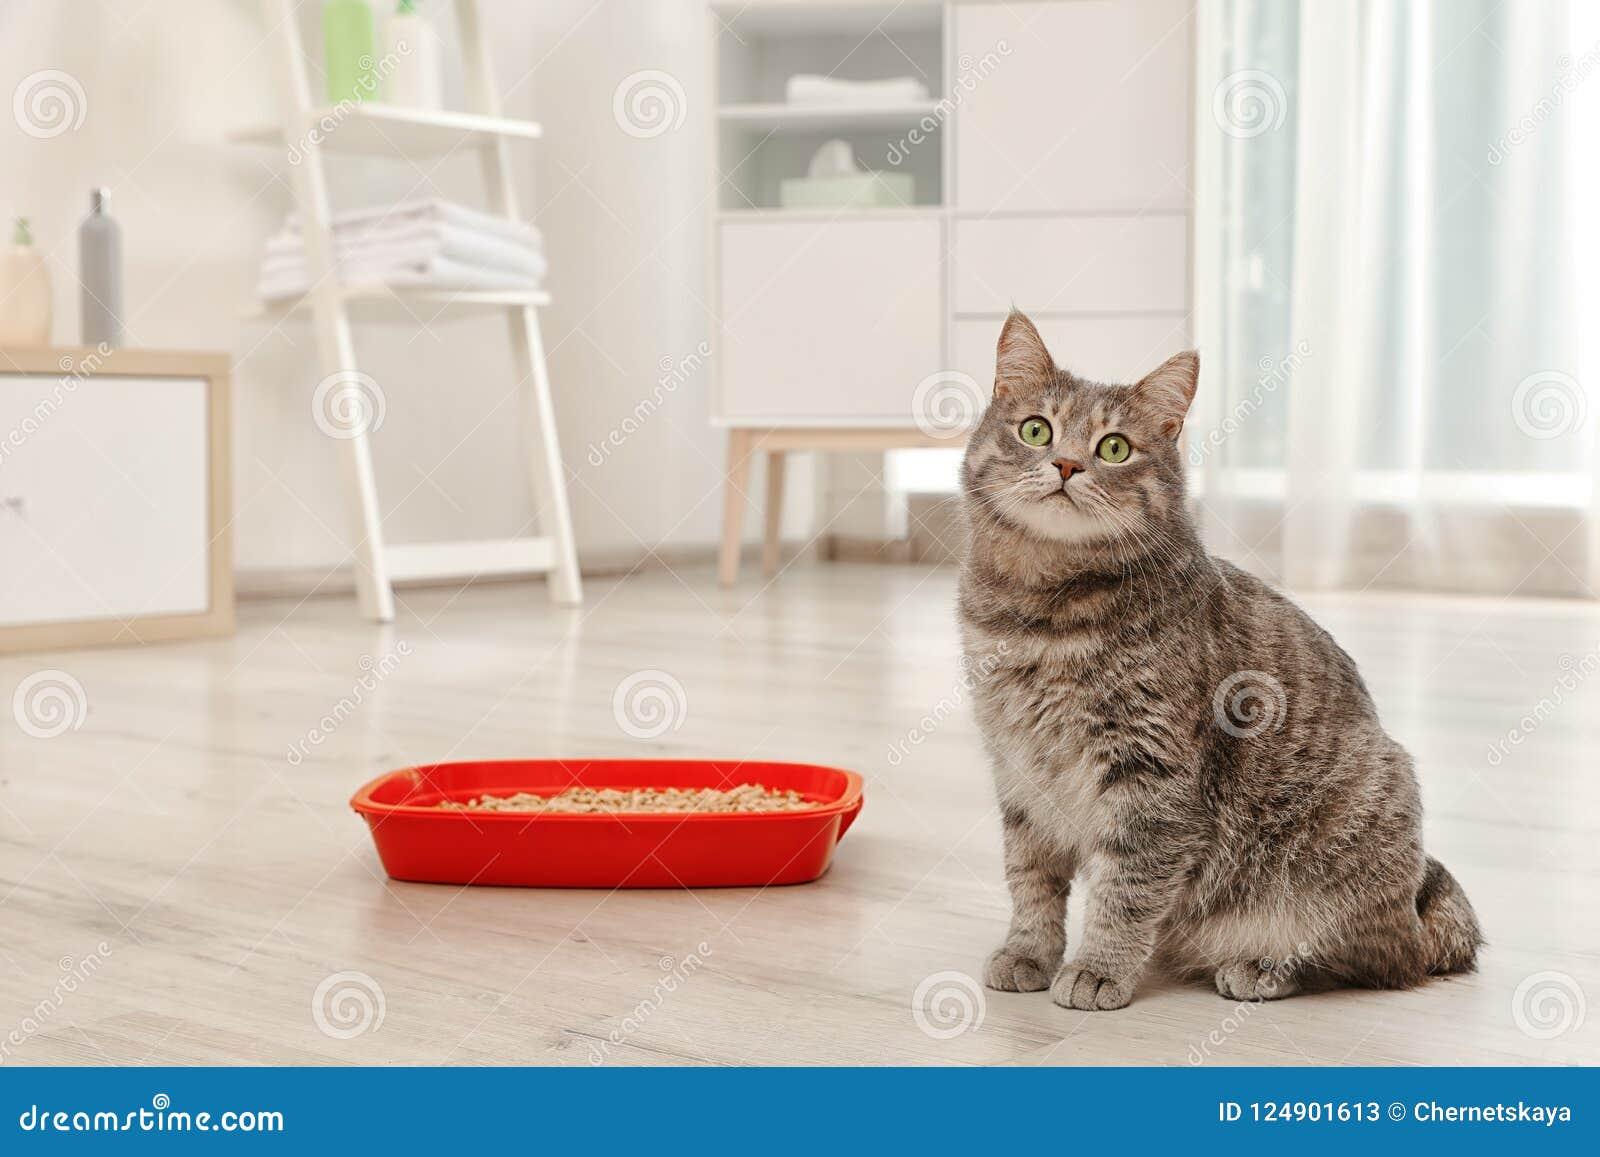 Gato cinzento adorável perto da caixa de maca dentro